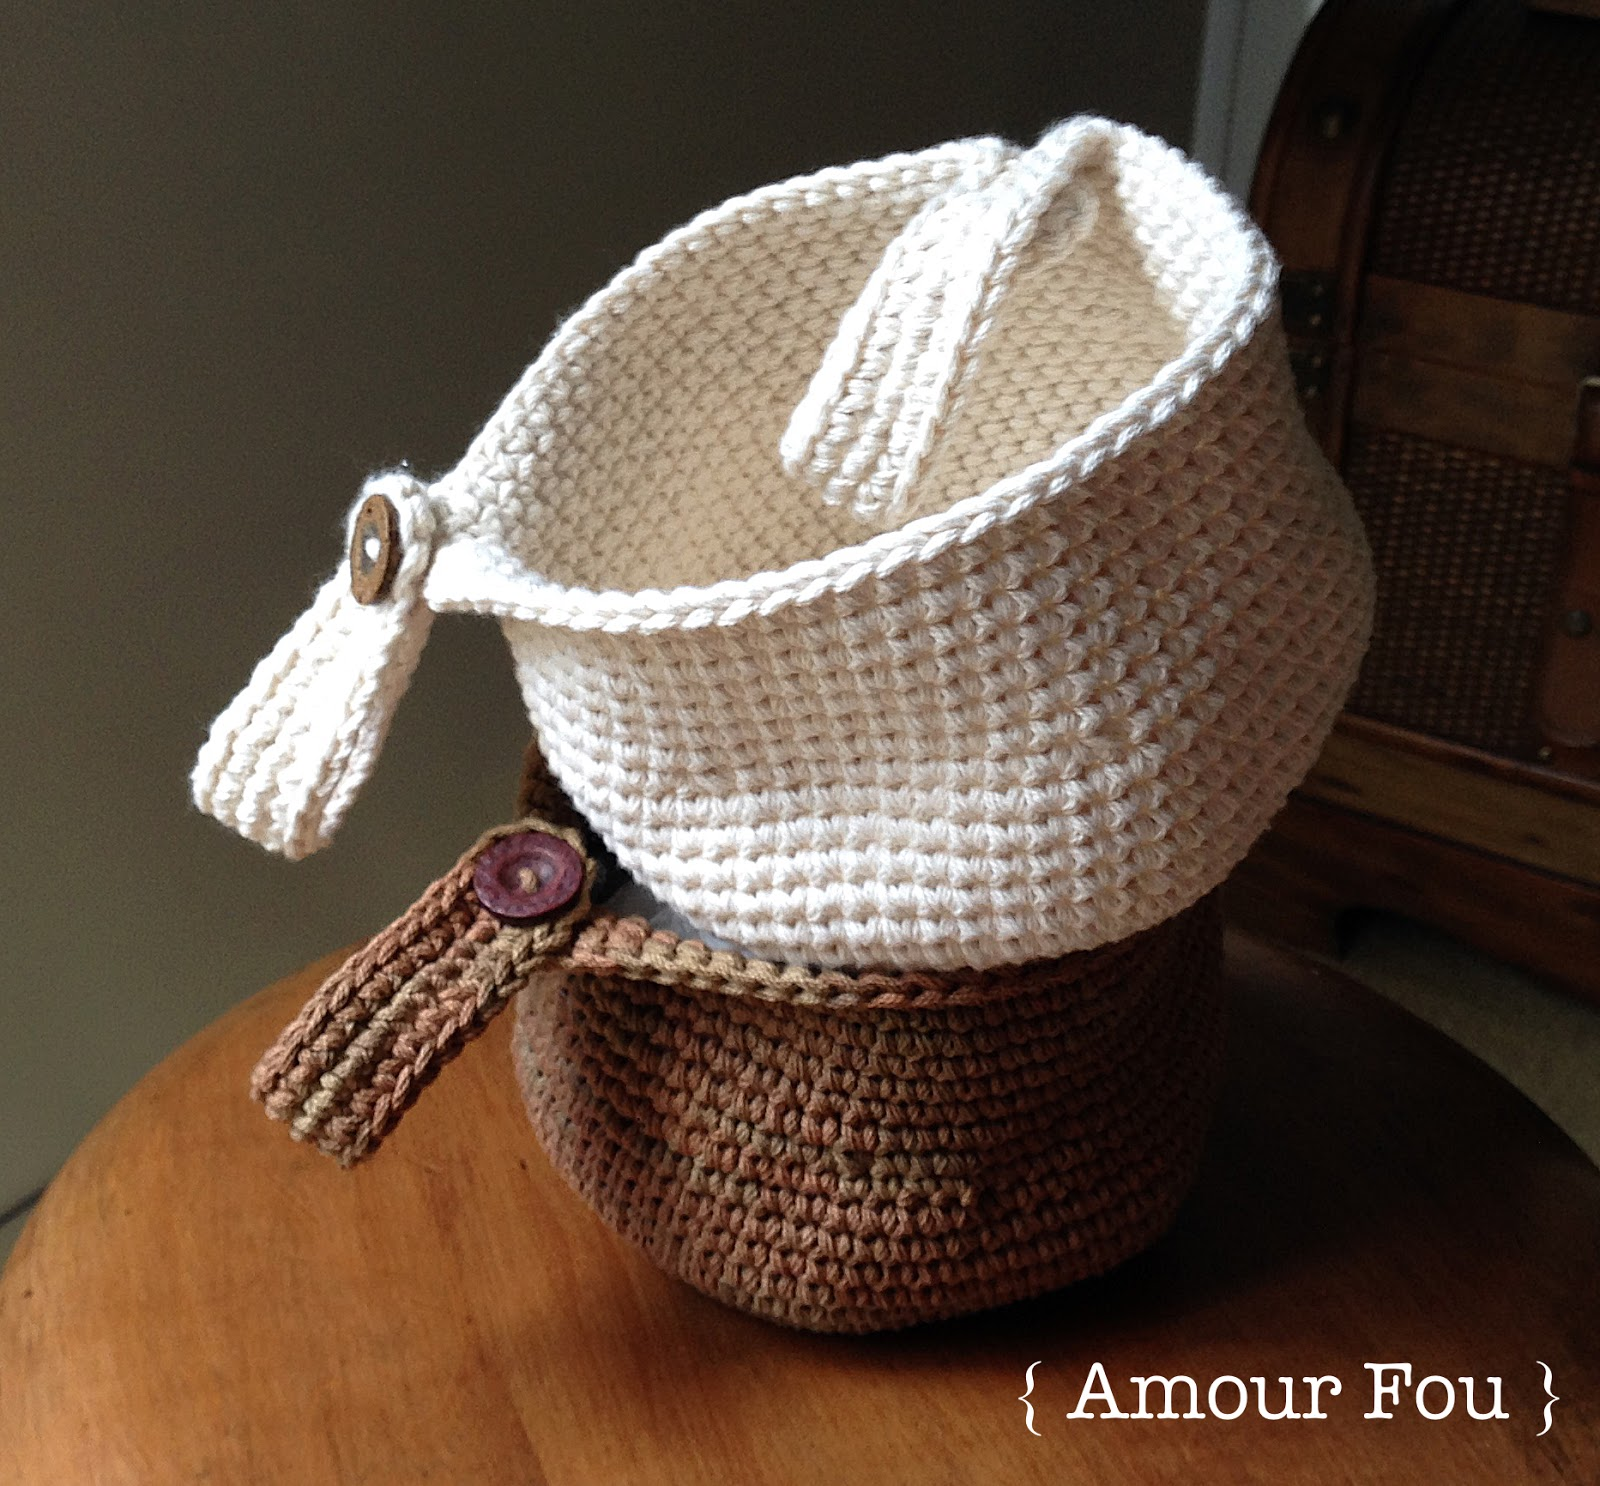 Amour Fou Crochet Crochet Basket For Kids Bike